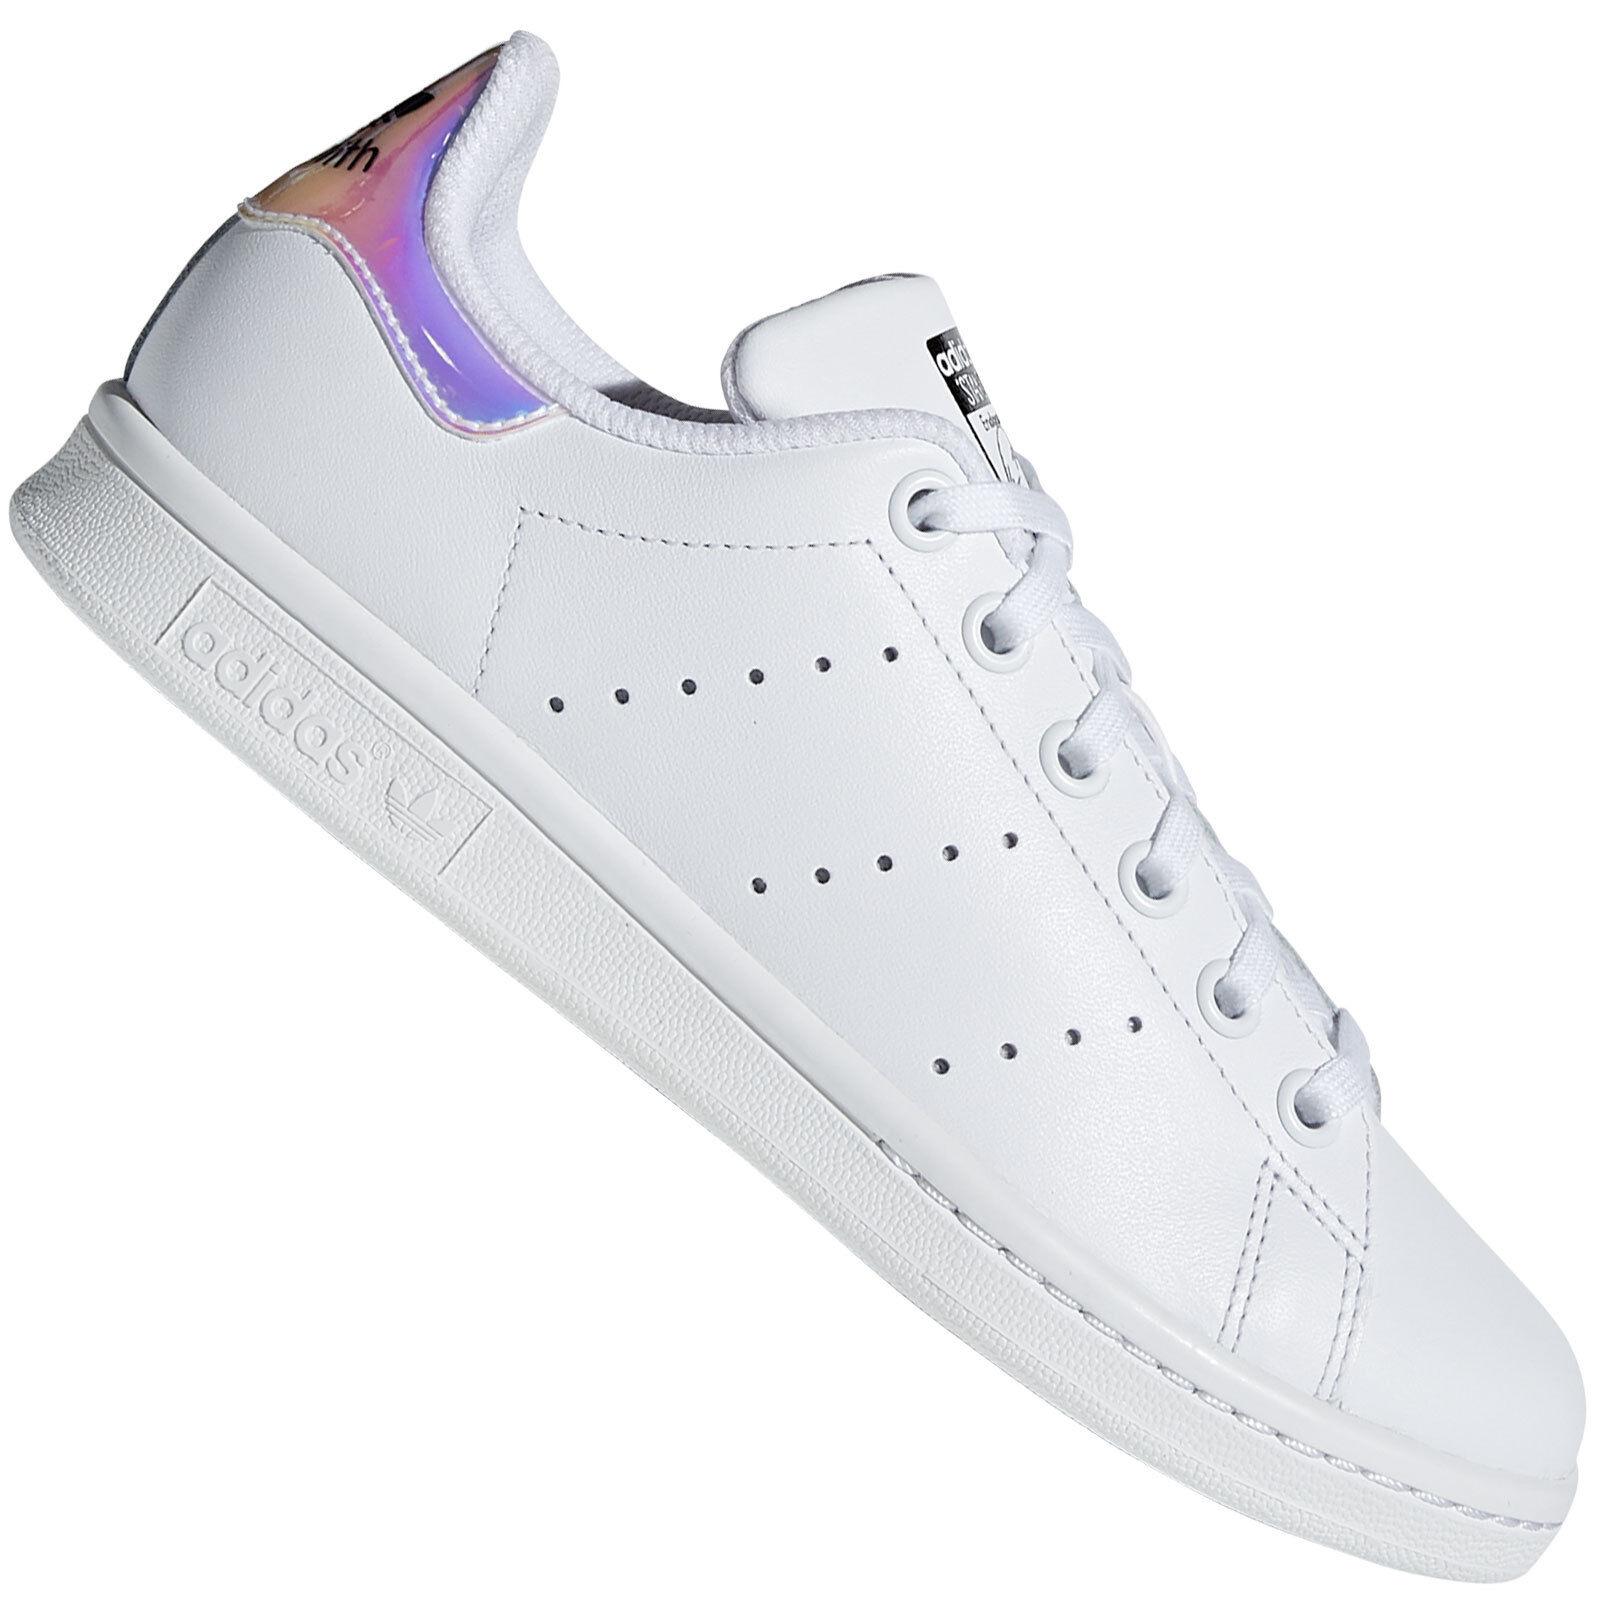 adidas Stan Smith Iridescent White